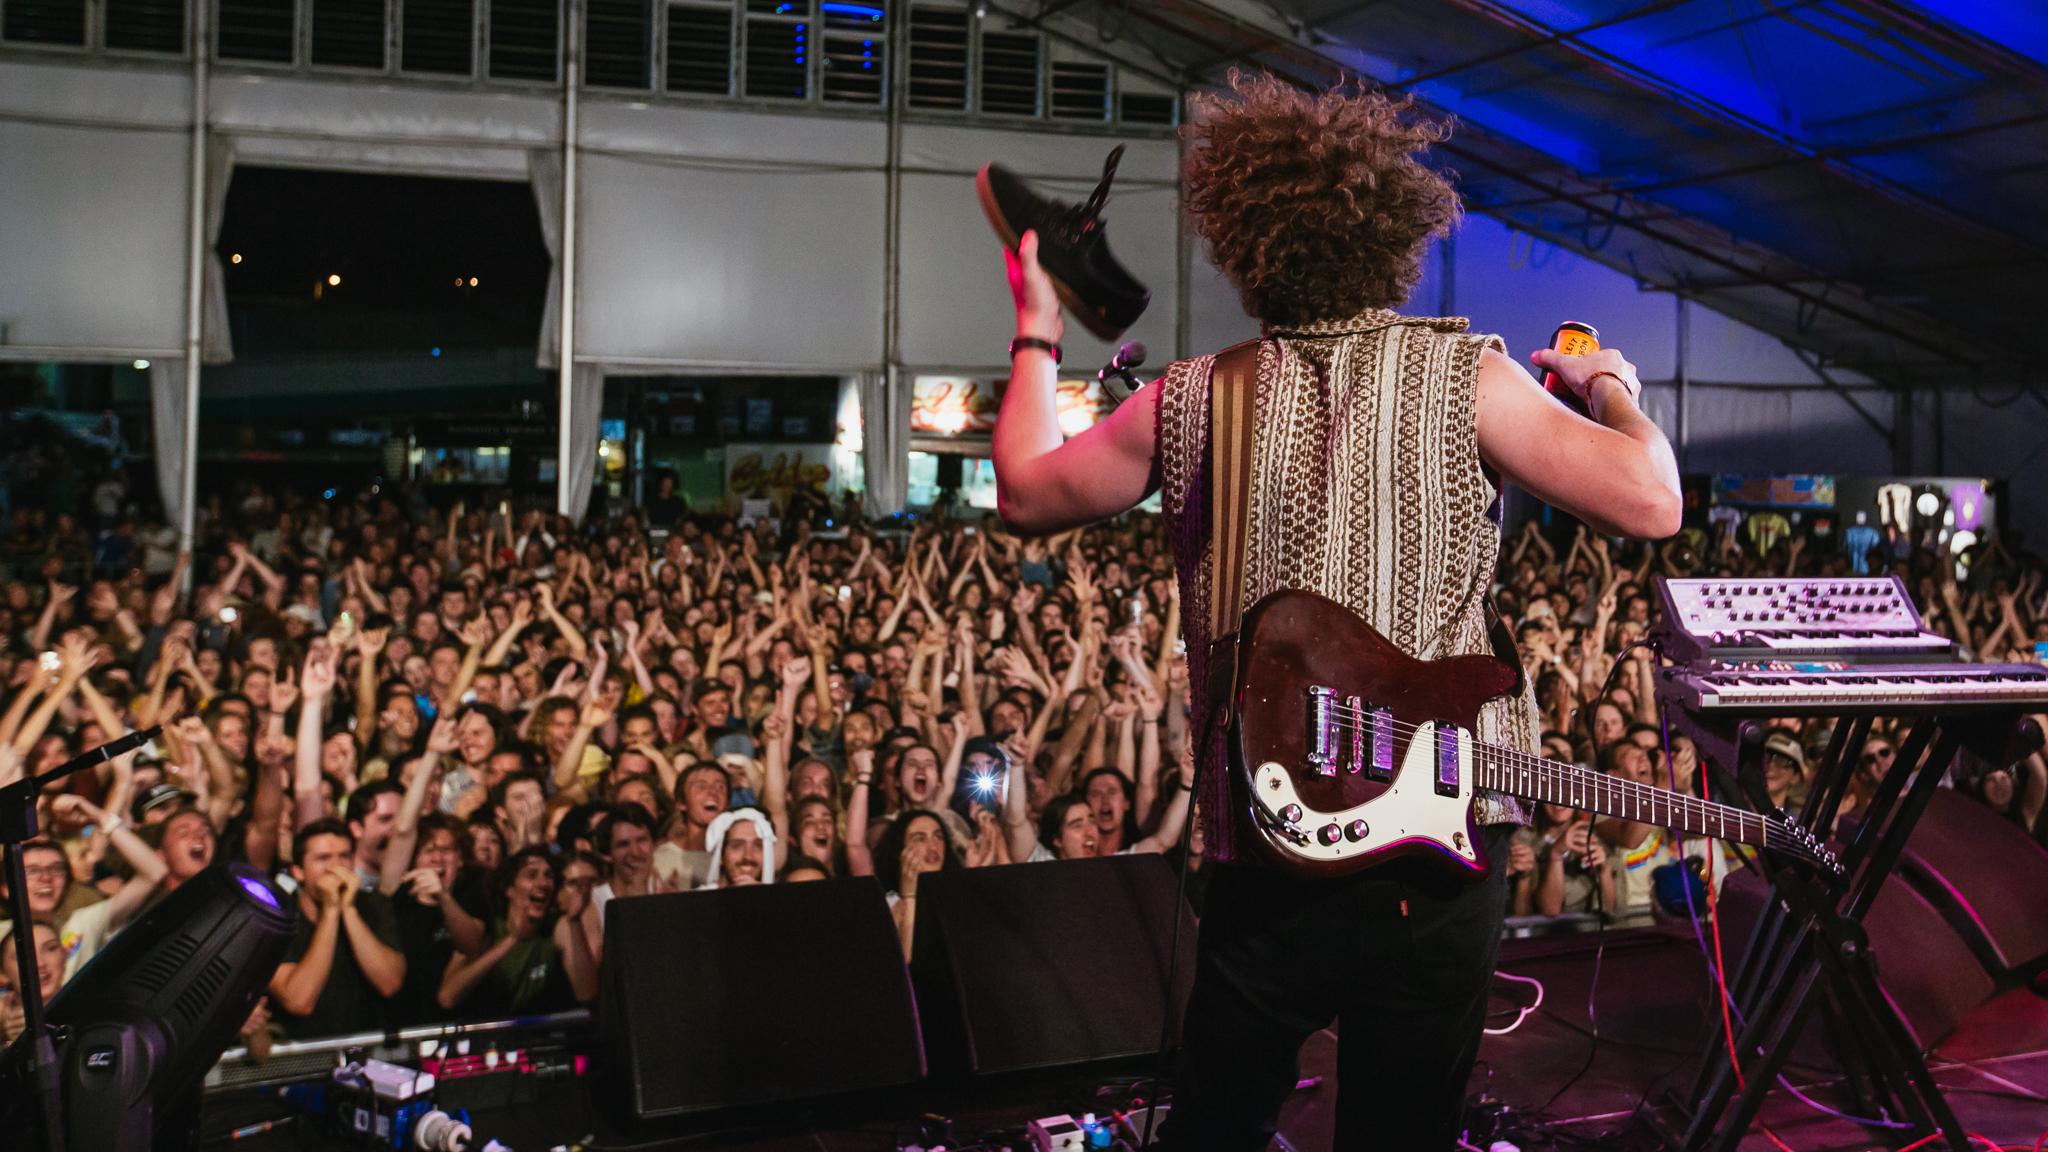 Gizzfest 2016 - Brisbane